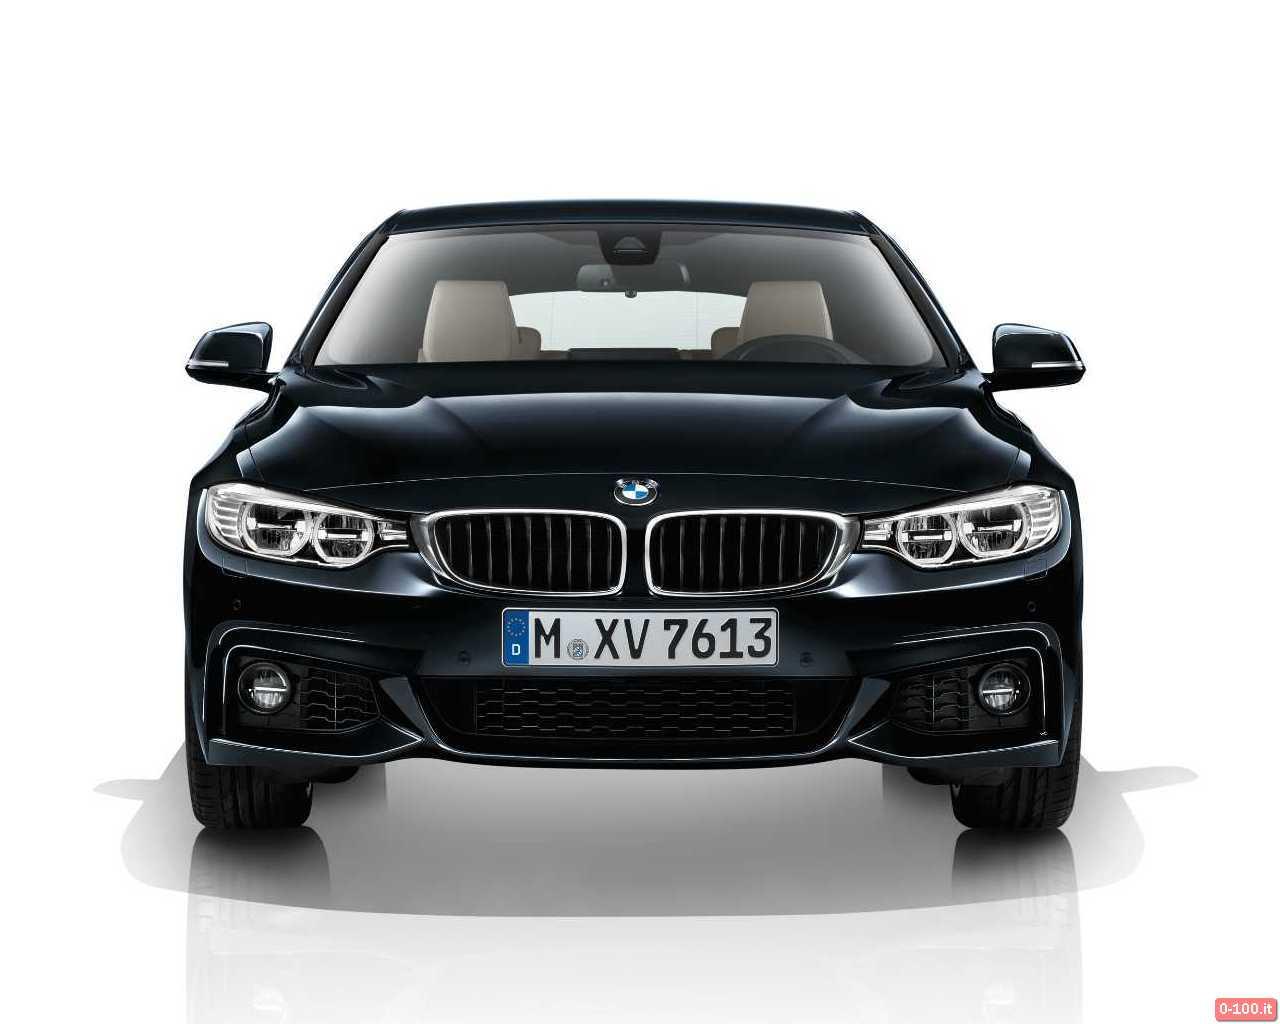 bmw-serie-4-gran-coupe-prezzo-price-ginevra-geneve-2014-0-100_104